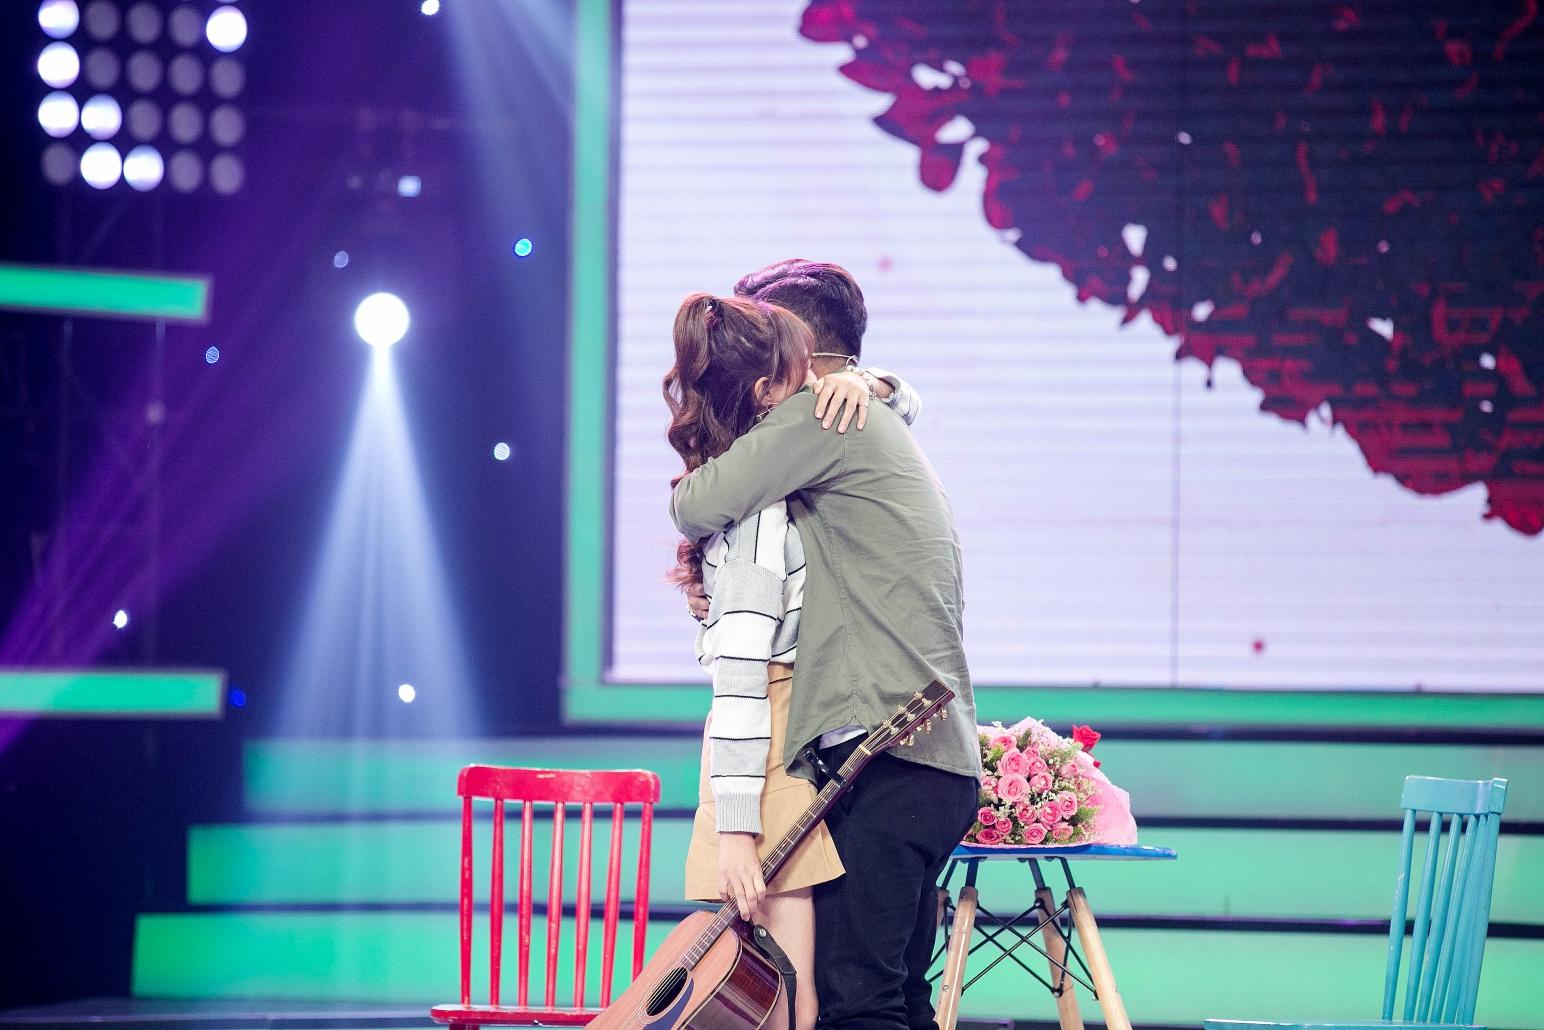 Vì yêu mà đến tập 26: Nhung Gumiho về với soái ca Đồng Nai